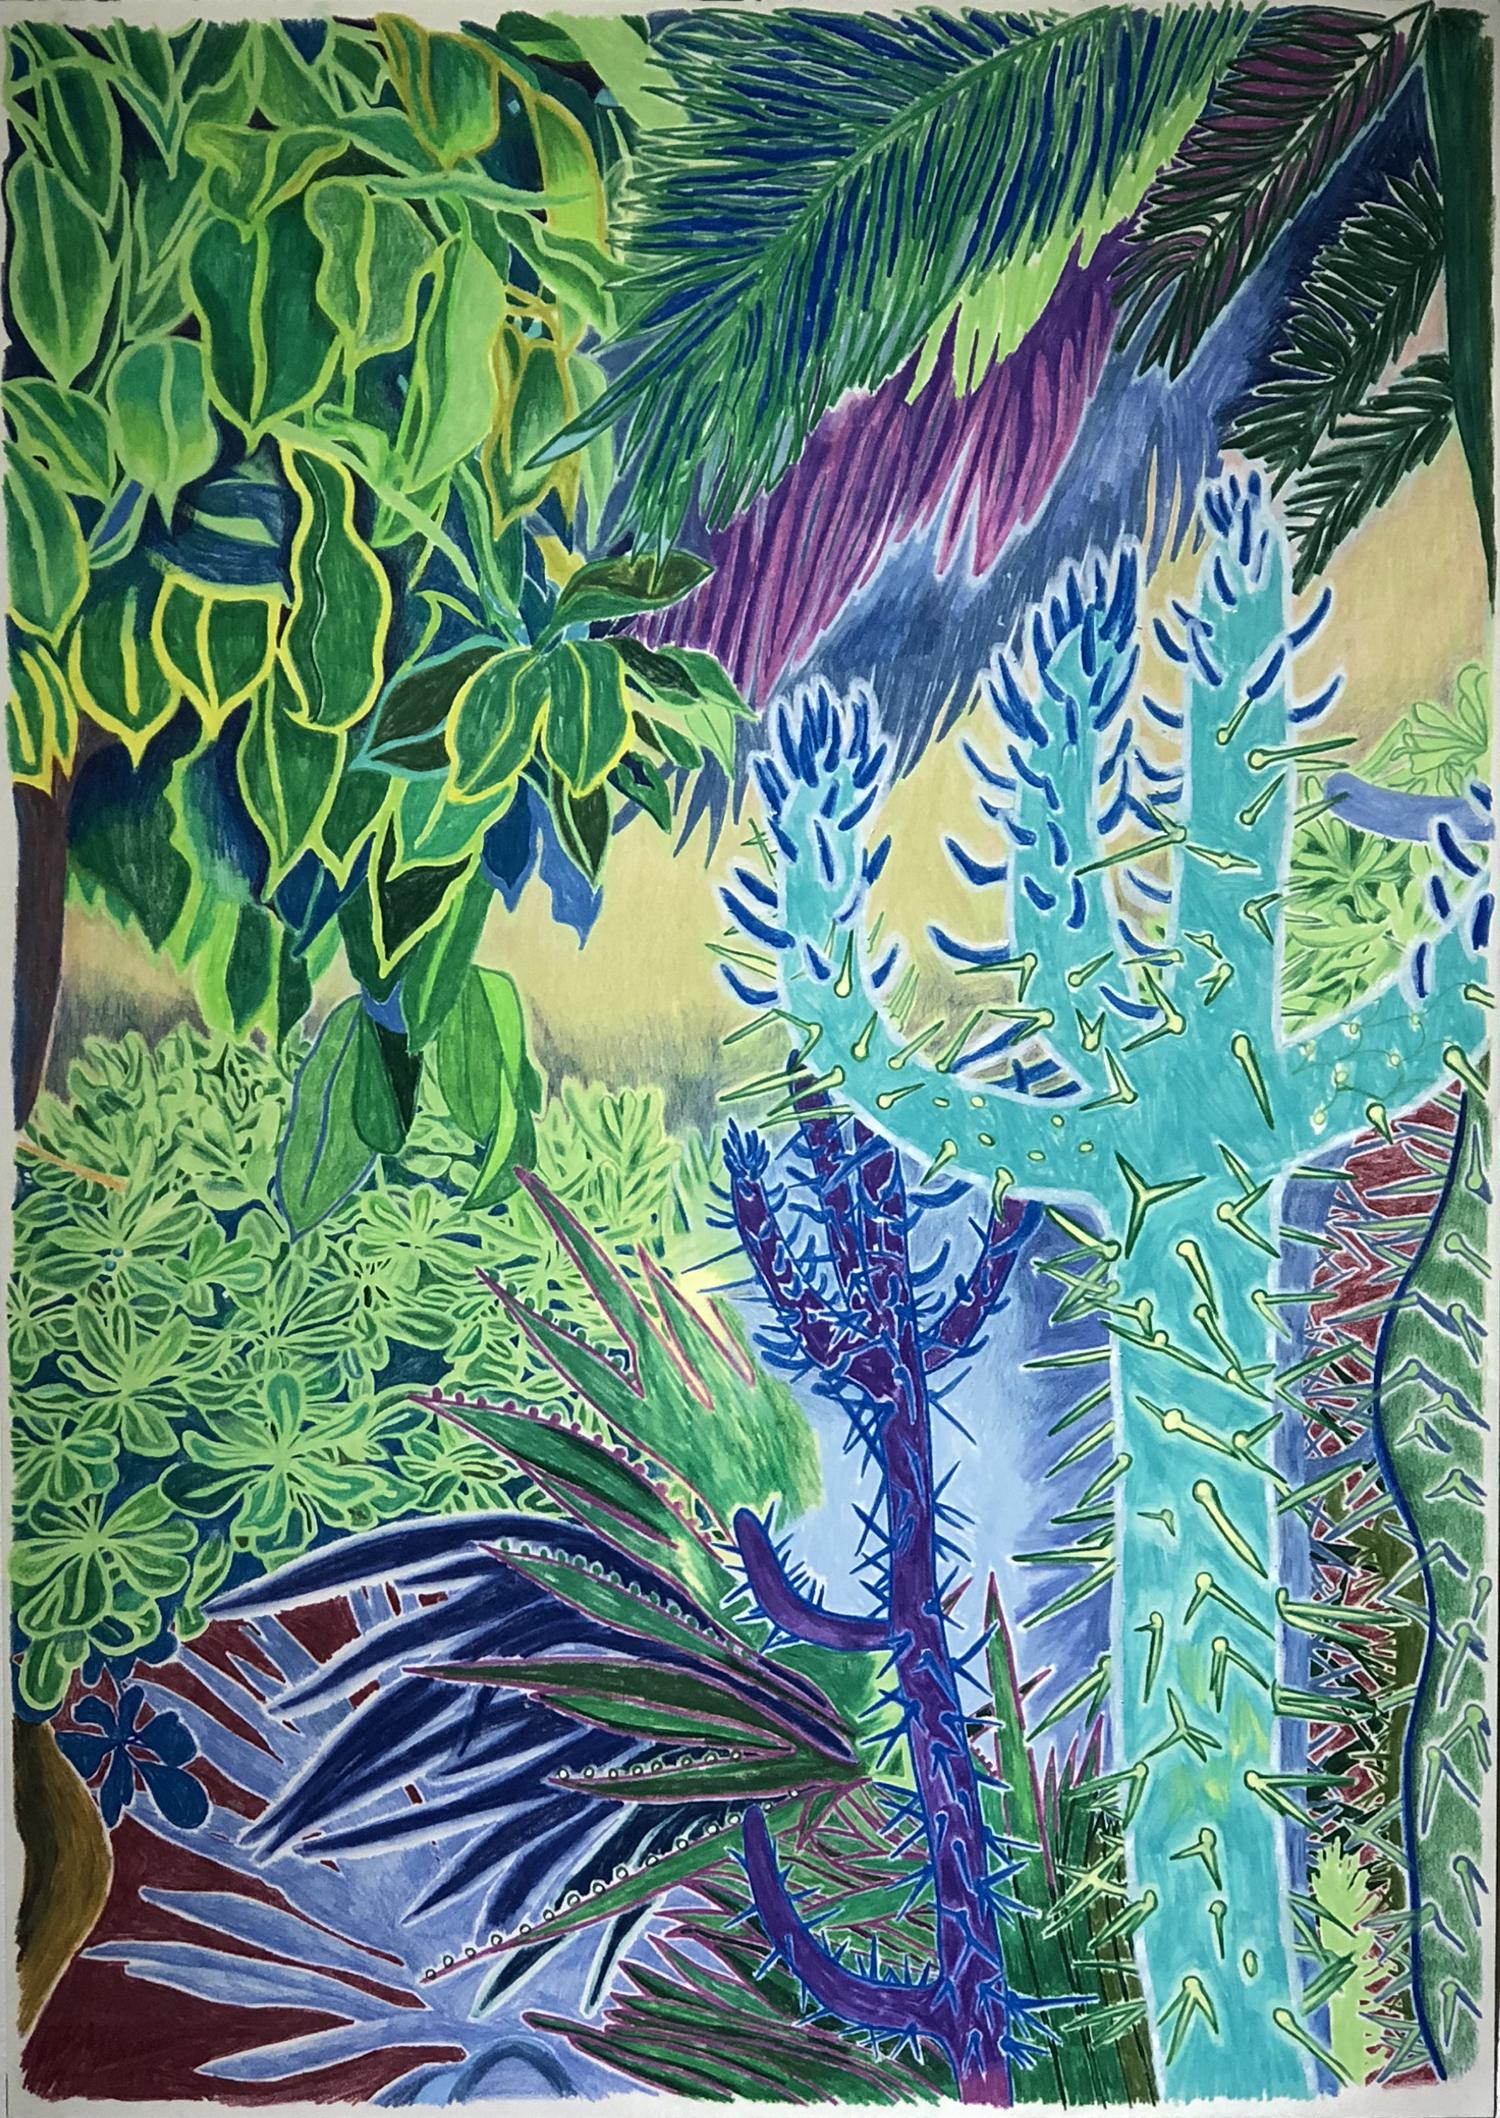 김선희, 온 힘을 다해 자라다, 51 x 36 ,종이 위에 색연필